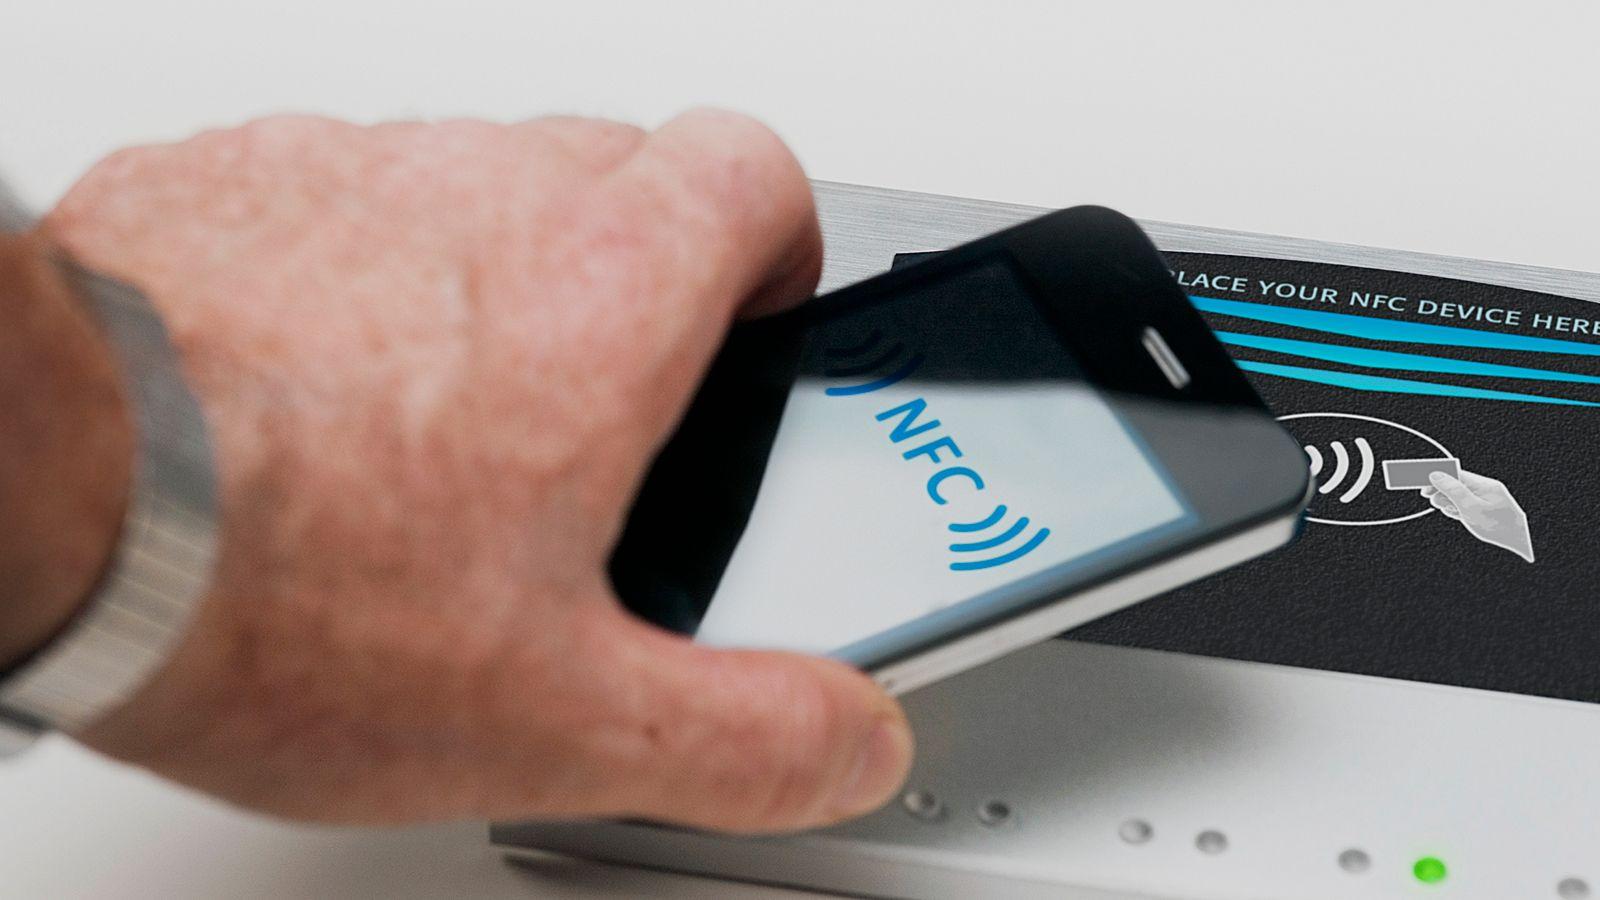 Du kan som regel se om terminalen støtter kontaktløs betaling når du ser denne logoen. Bilde: iStockphoto / 21211476